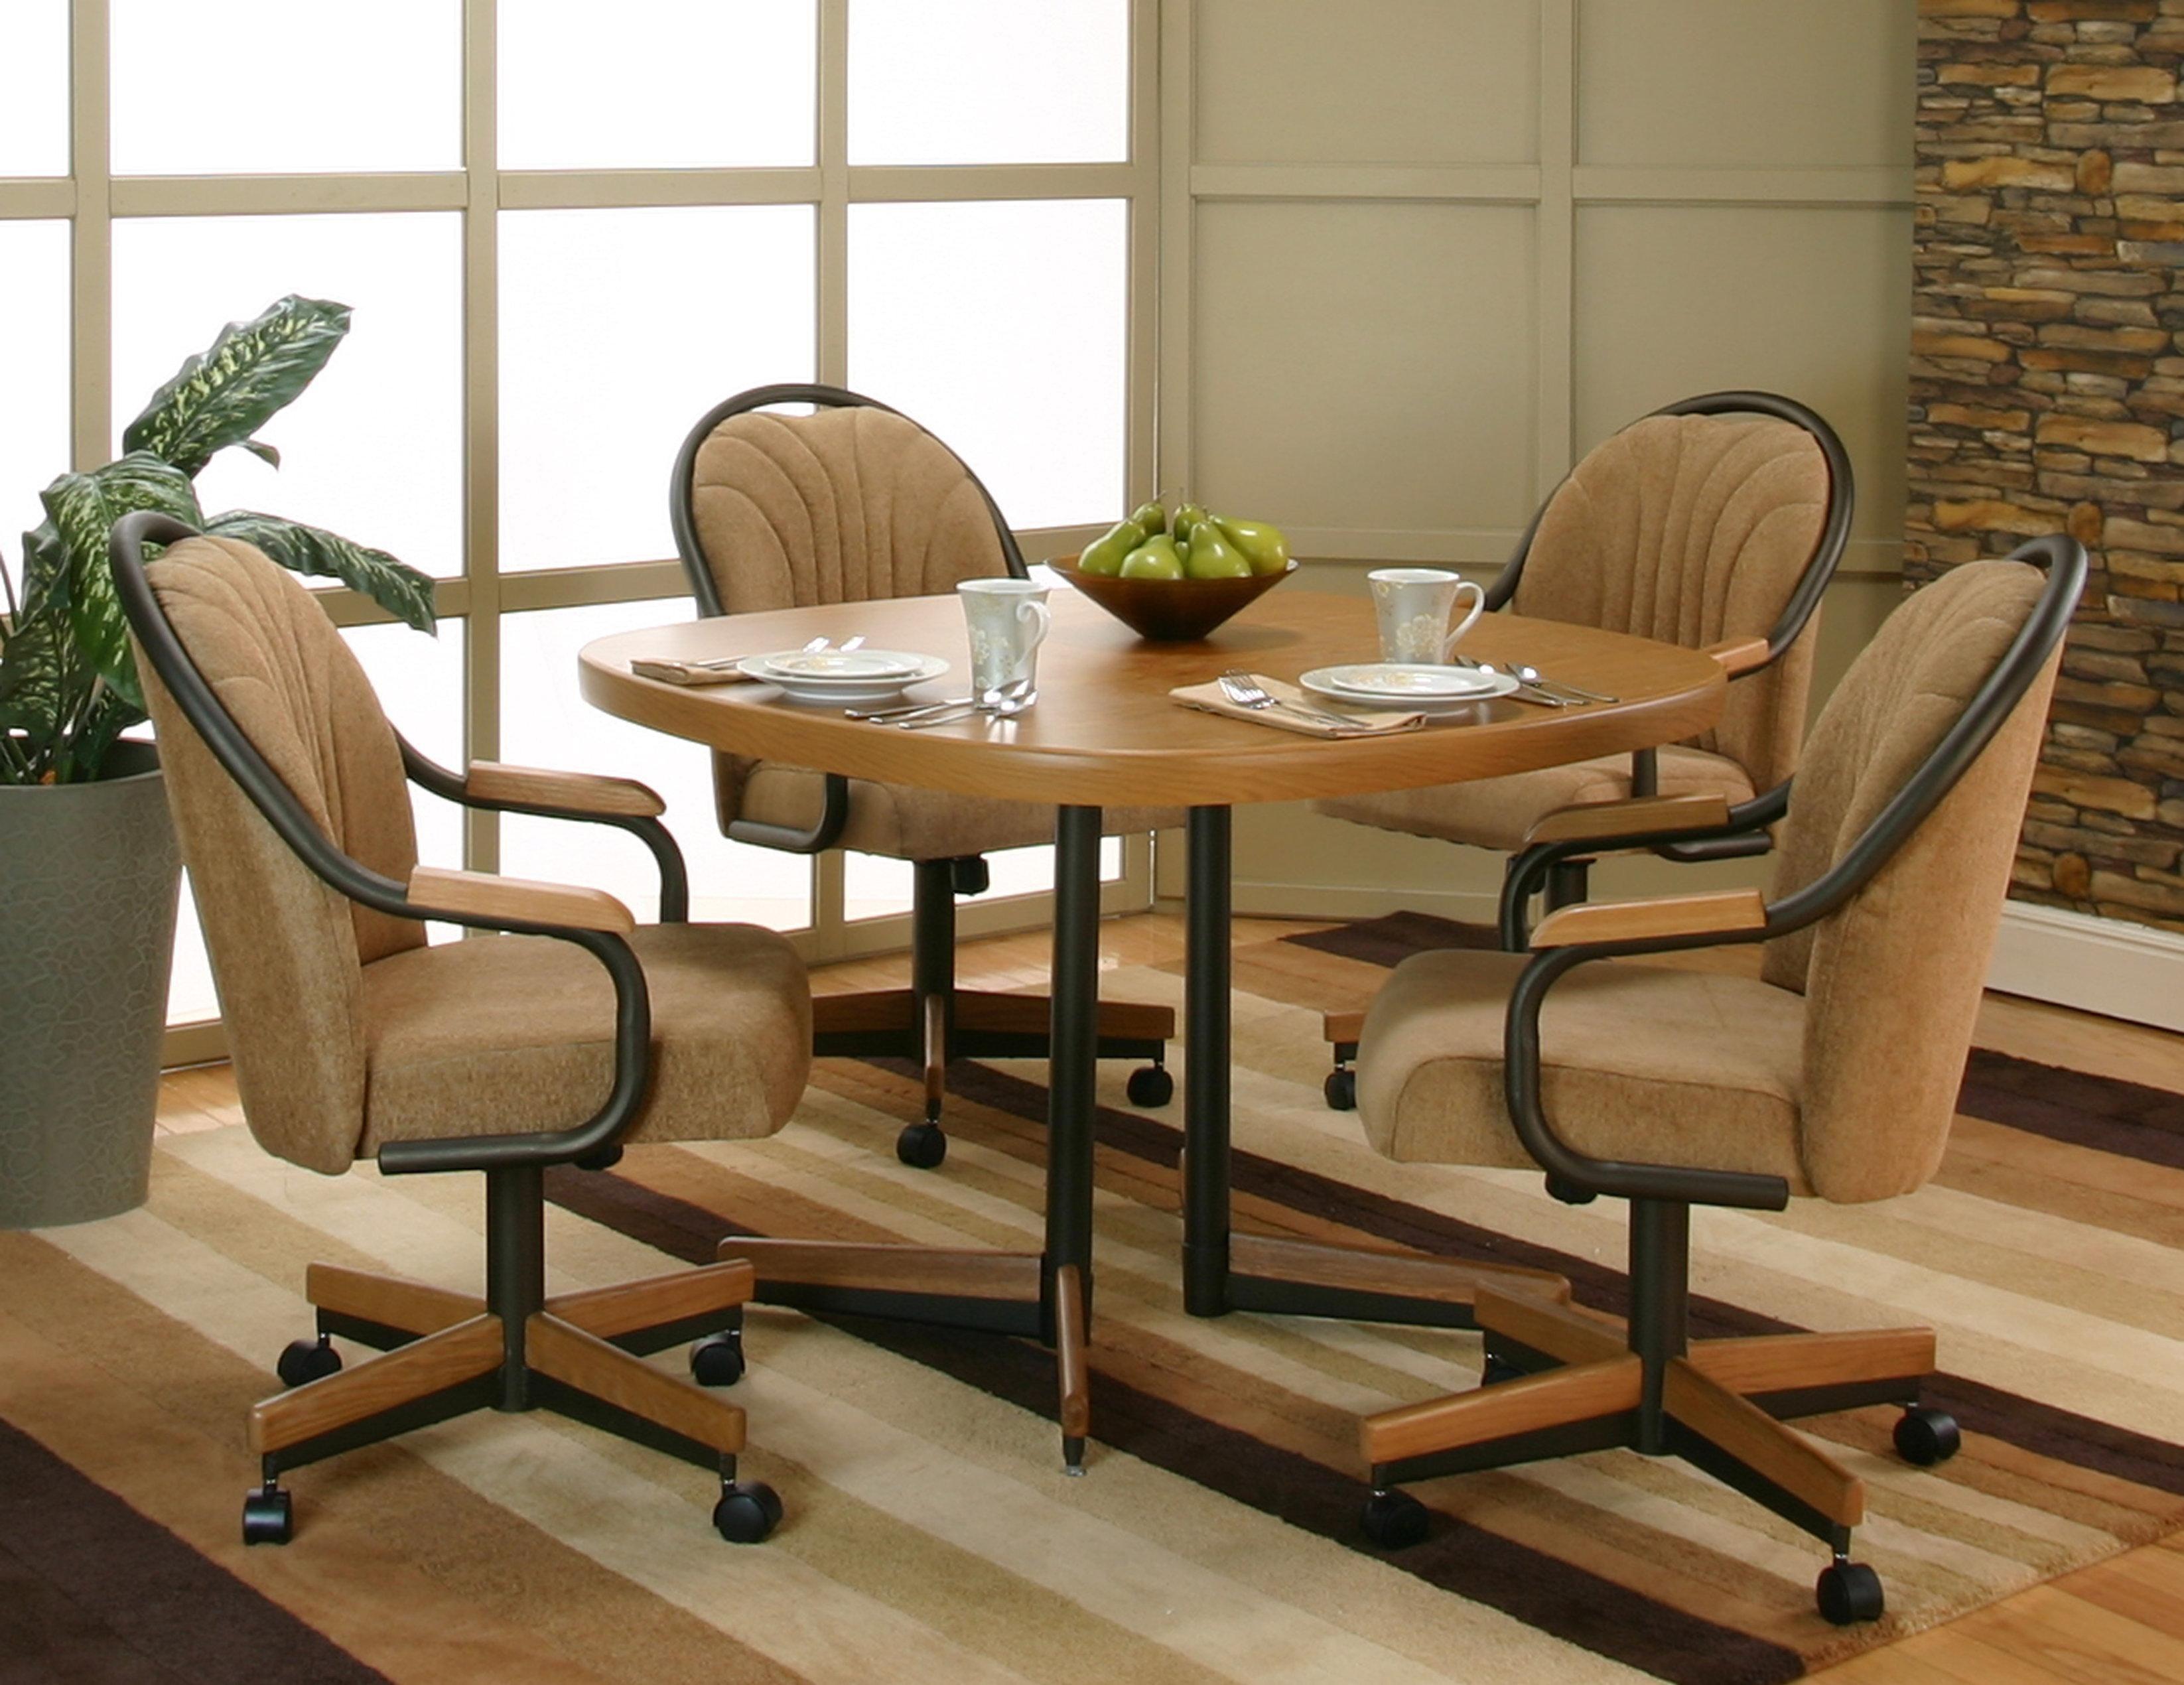 Dining Chair Mit Rollen Überprüfen Sie mehr unter http://stuhle.info ...